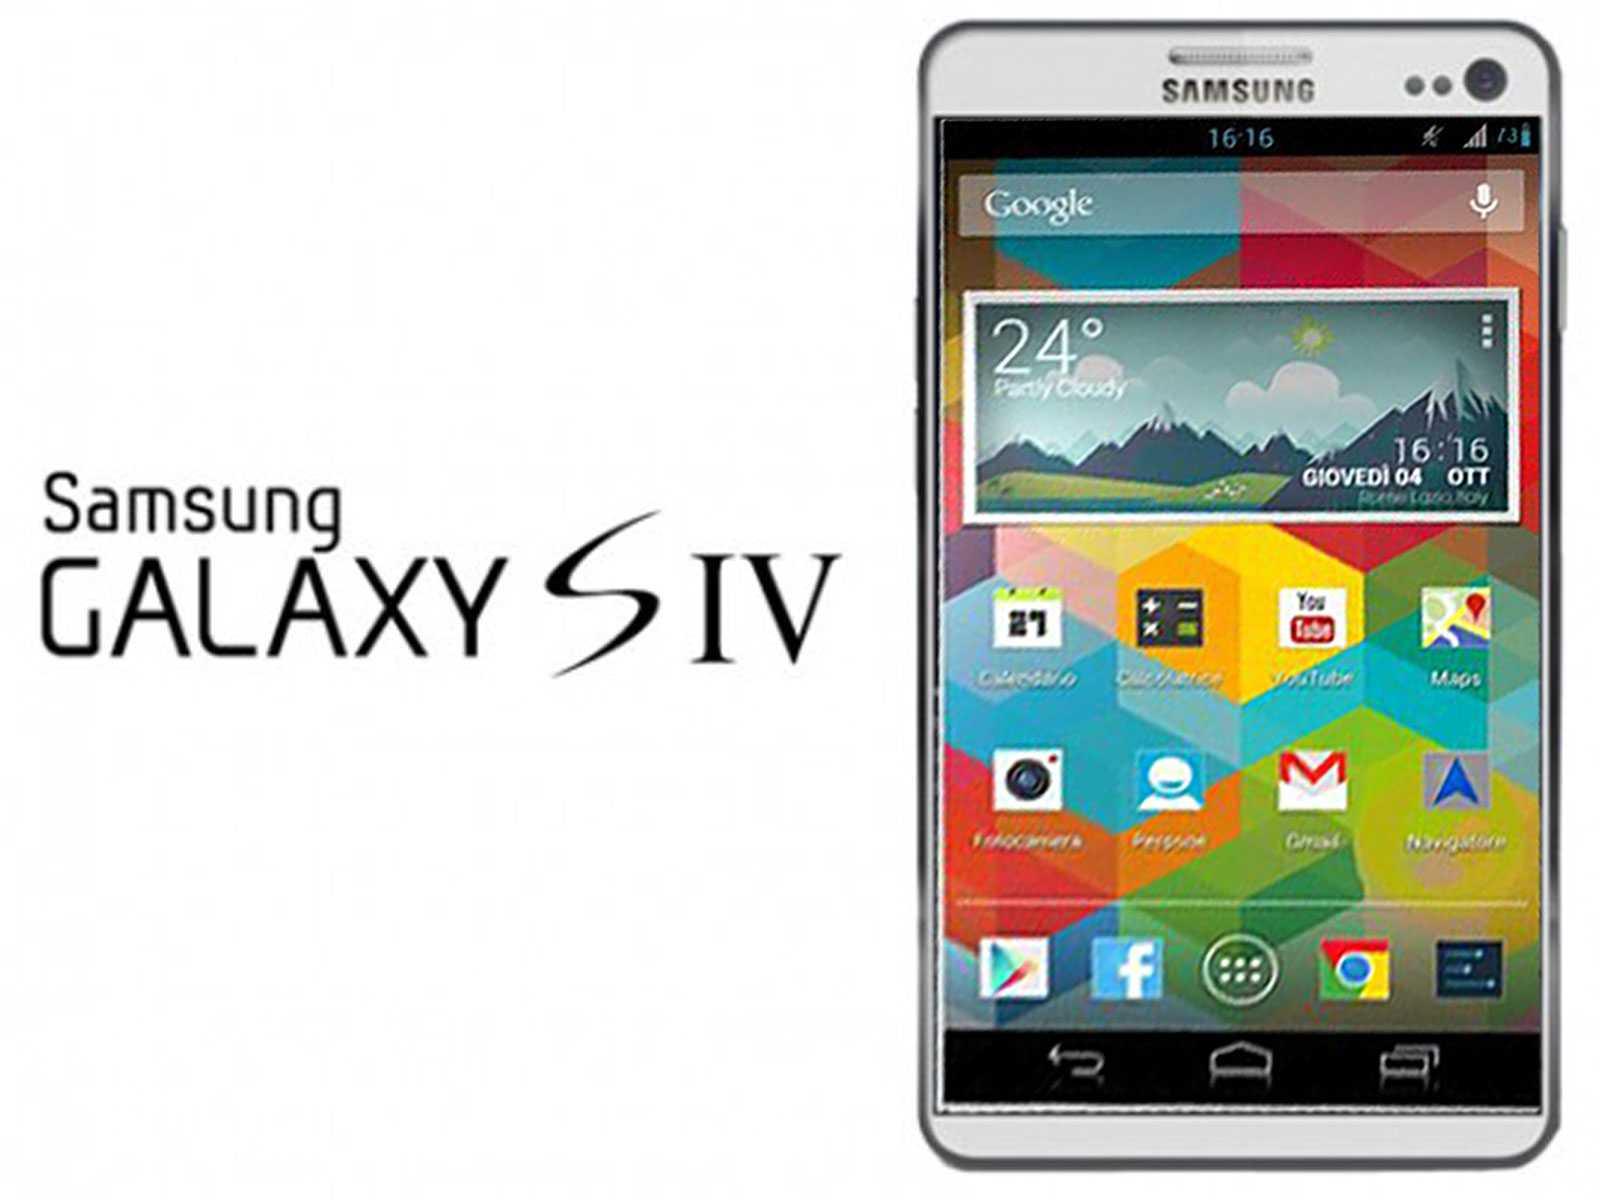 Galaxy S IV ecco i dettagli sulla distribuzione